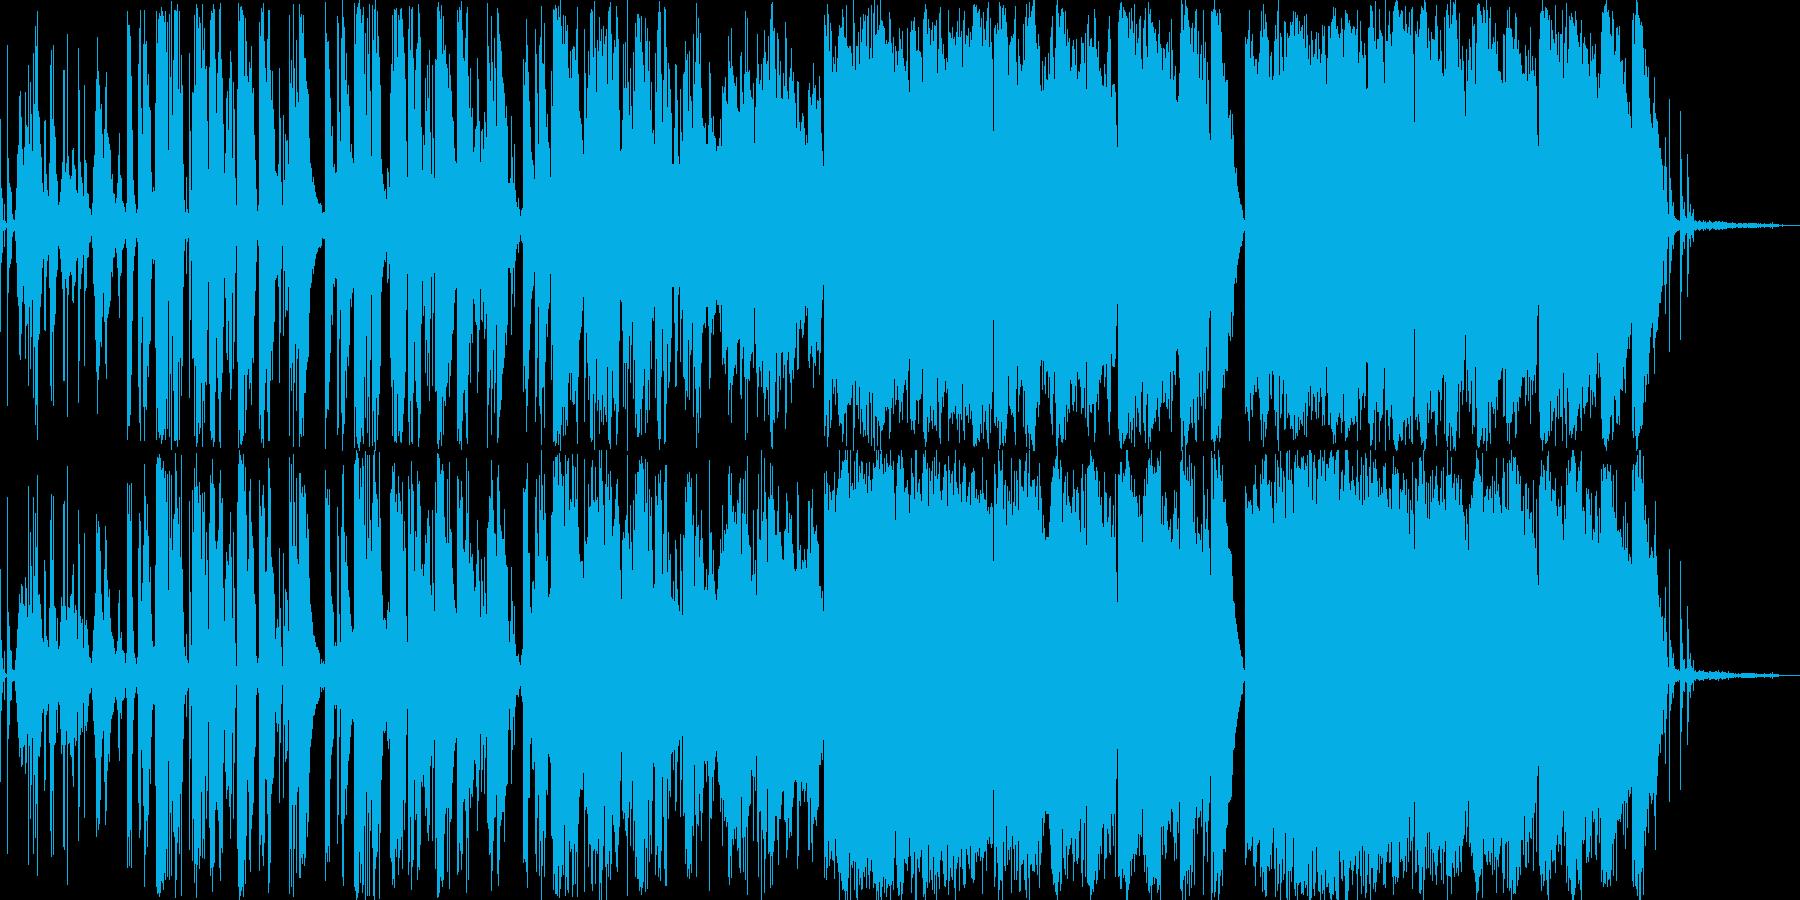 フュージョン センチメンタル 説明...の再生済みの波形